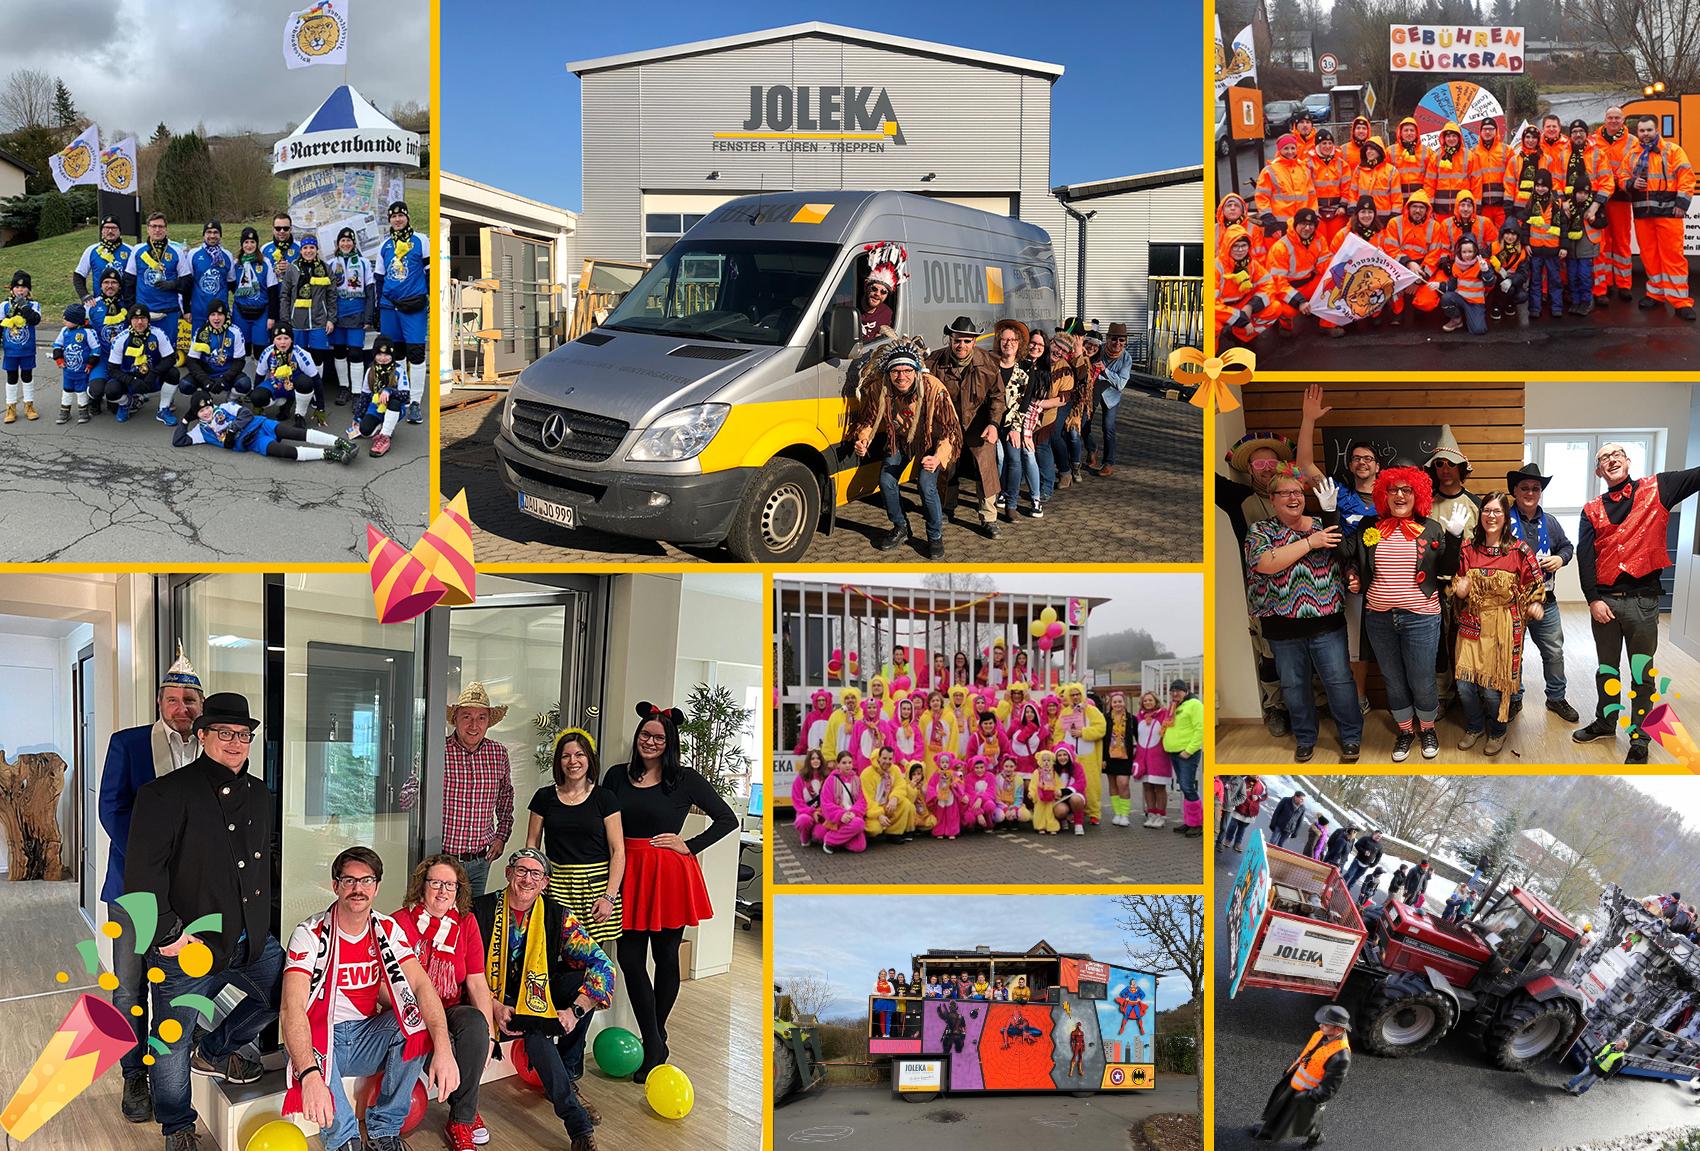 Wunderbare Karnevals-Erinnerungen aus den letzten Jahren